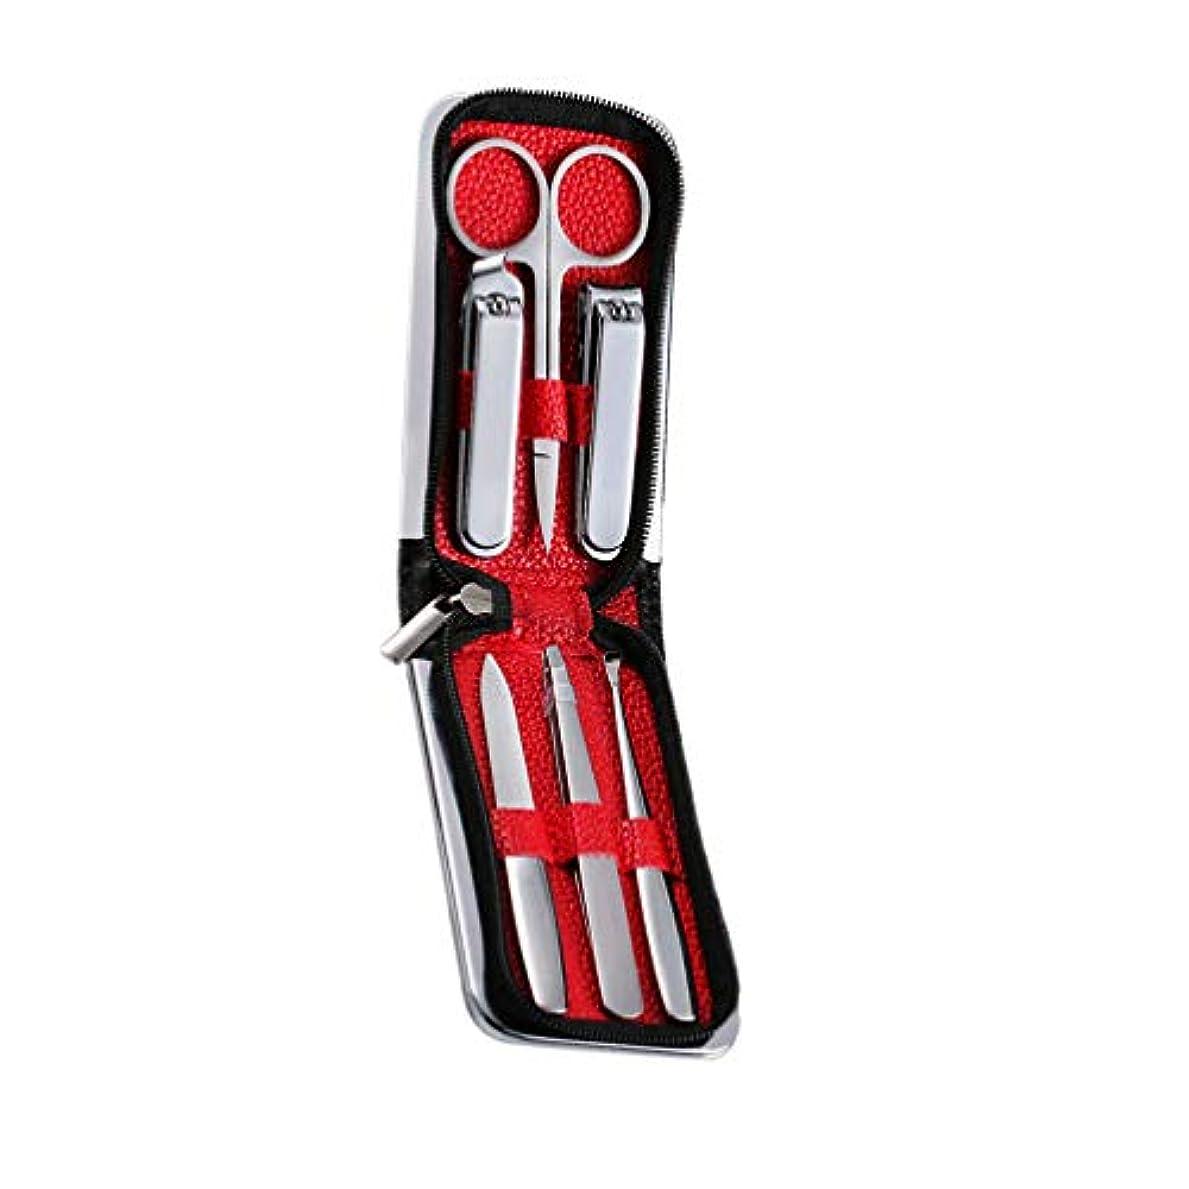 追い越す視聴者連結するSUPVOX 爪切りは爪足の爪レザートラベルケース用マニキュアキットを設定します